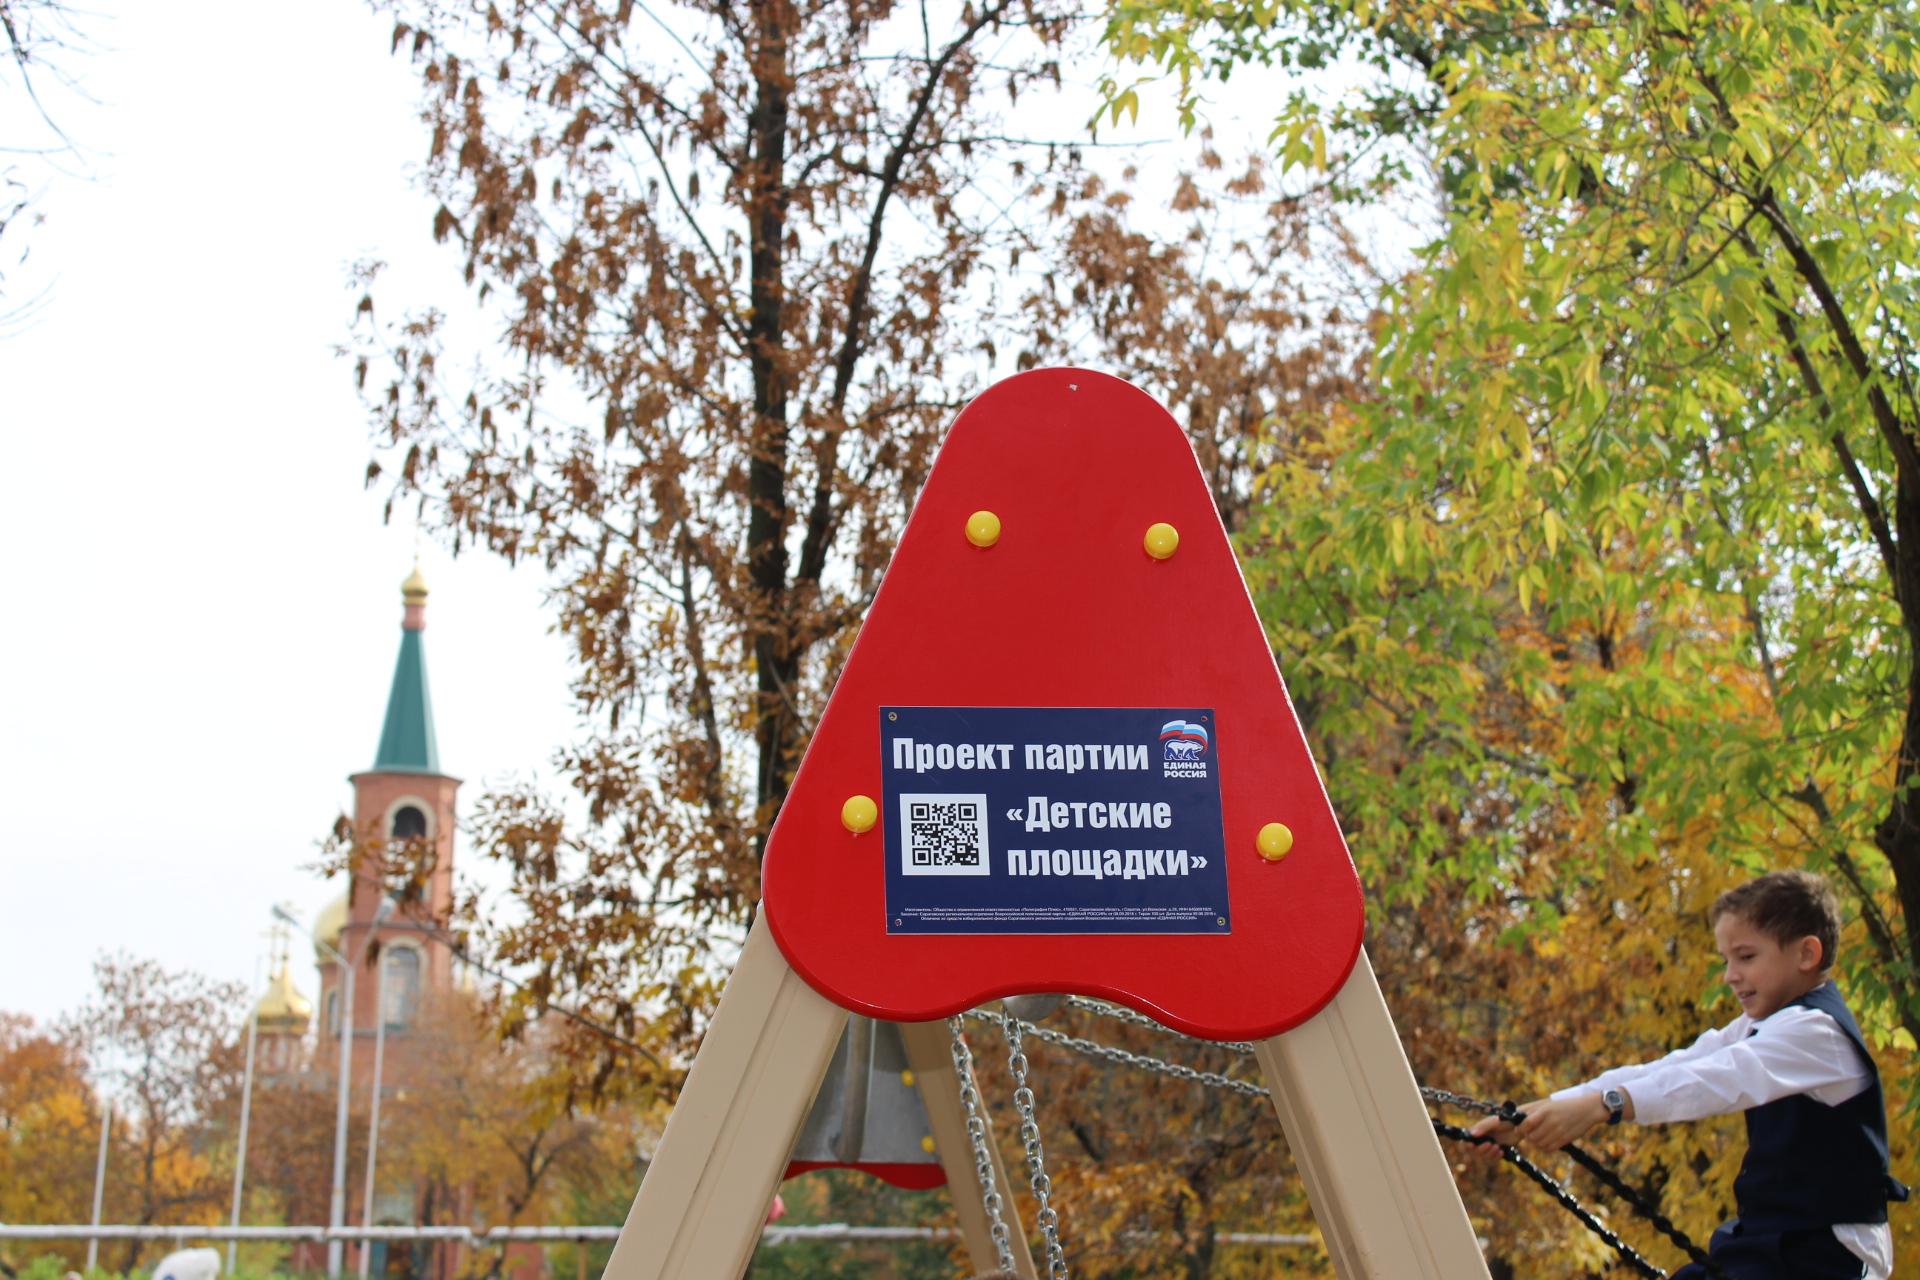 Не прошло и полгода: саратовских единороссов взволновало качество детских площадок